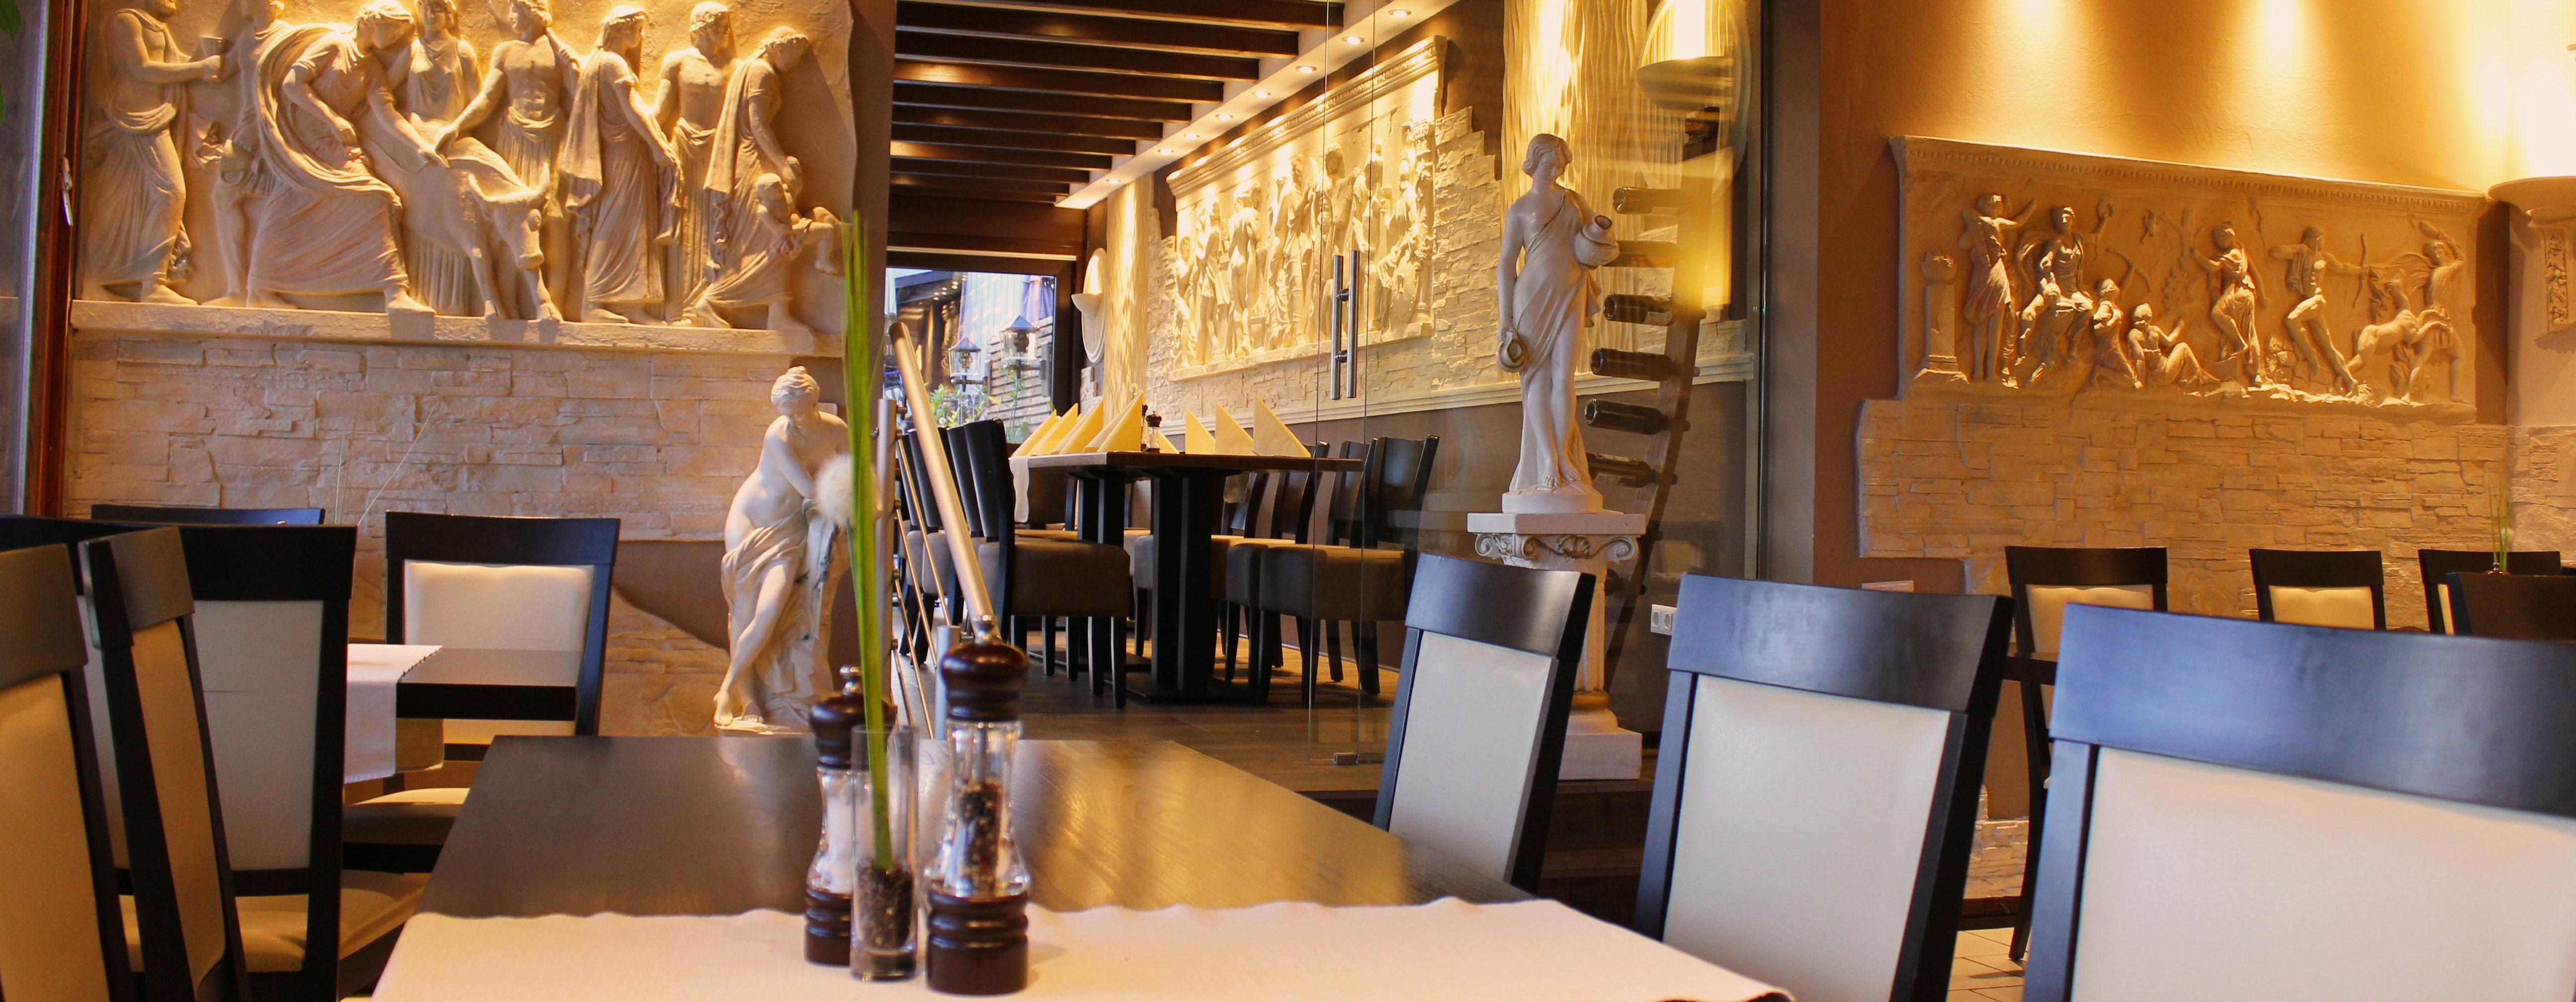 restaurant delphi weiher